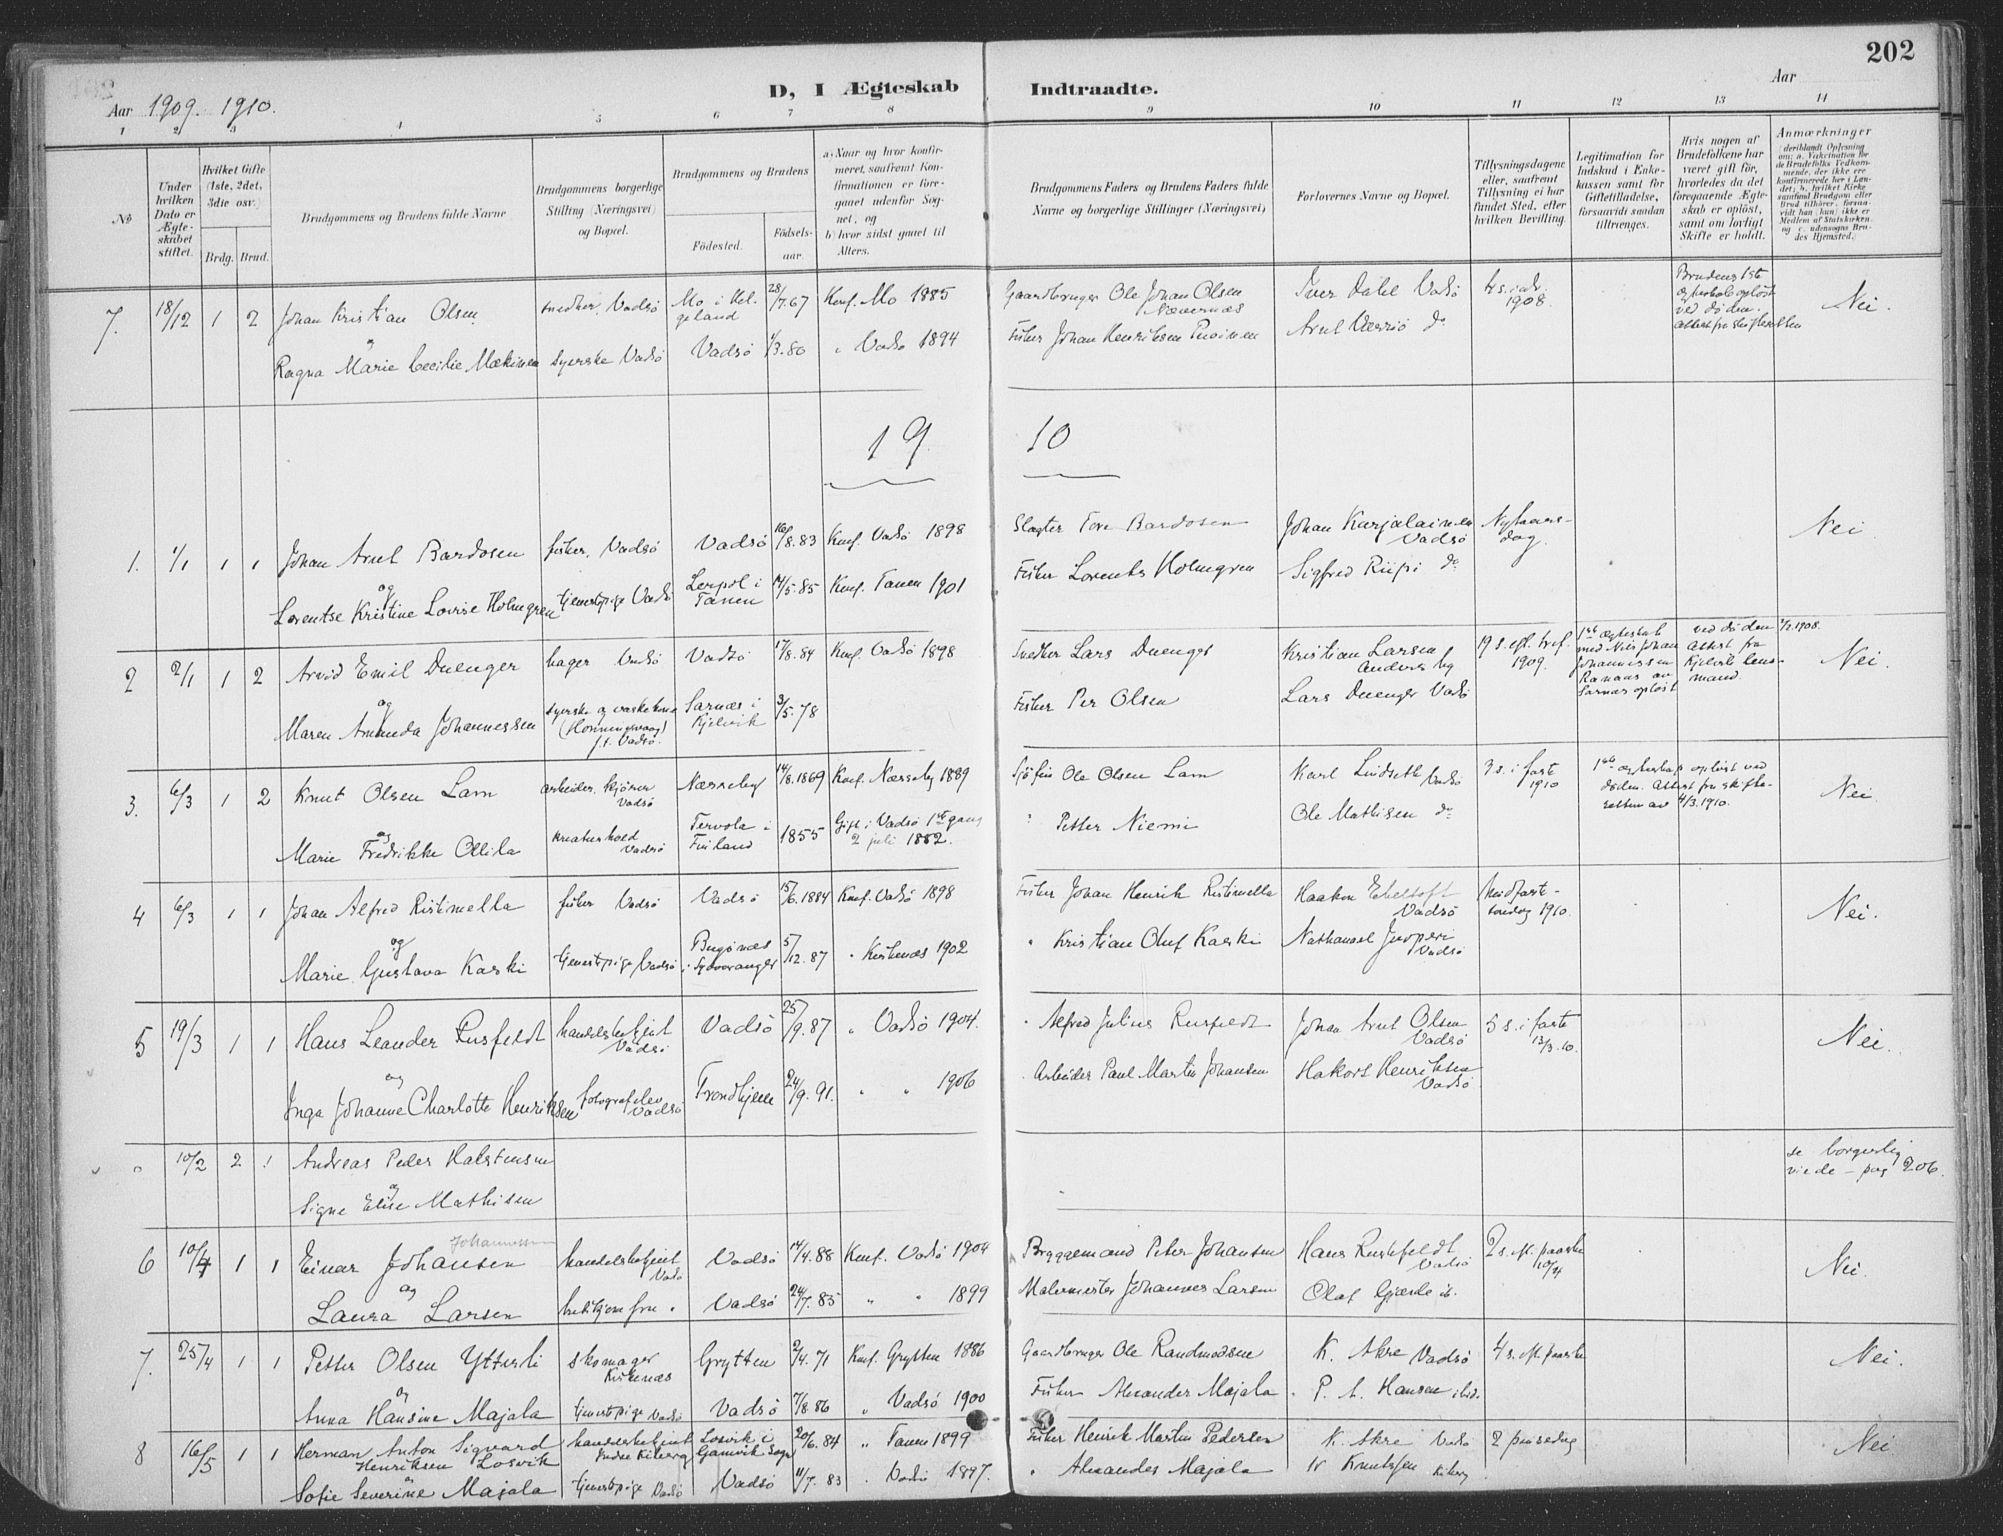 SATØ, Vadsø sokneprestkontor, H/Ha/L0007kirke: Ministerialbok nr. 7, 1896-1916, s. 202